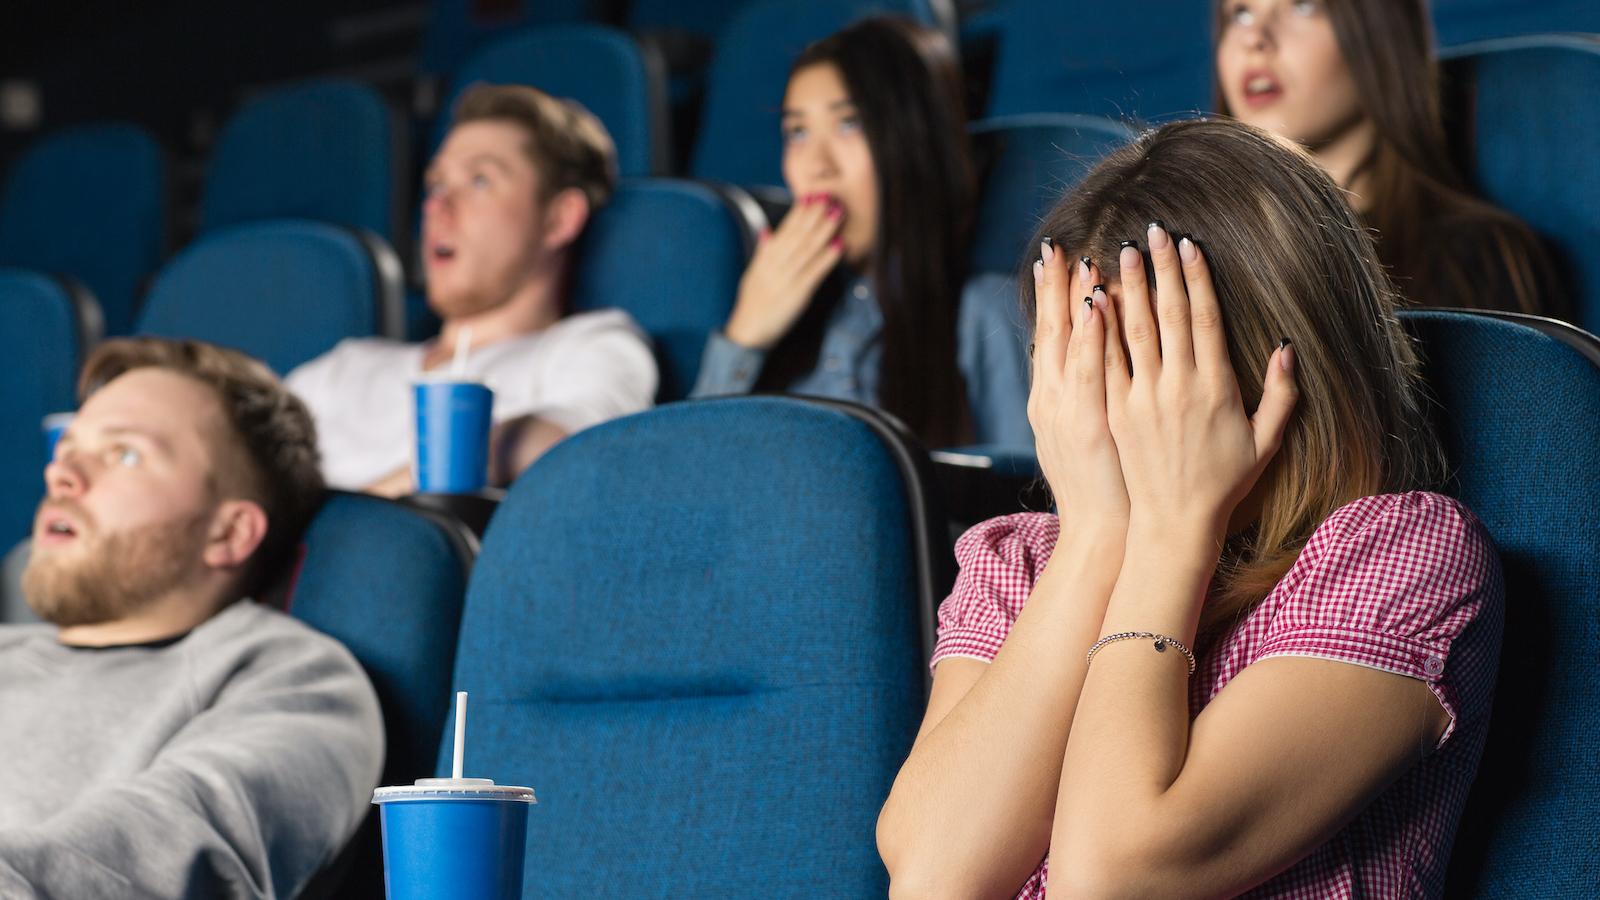 Das sind die schlechtesten Filme aller Zeiten